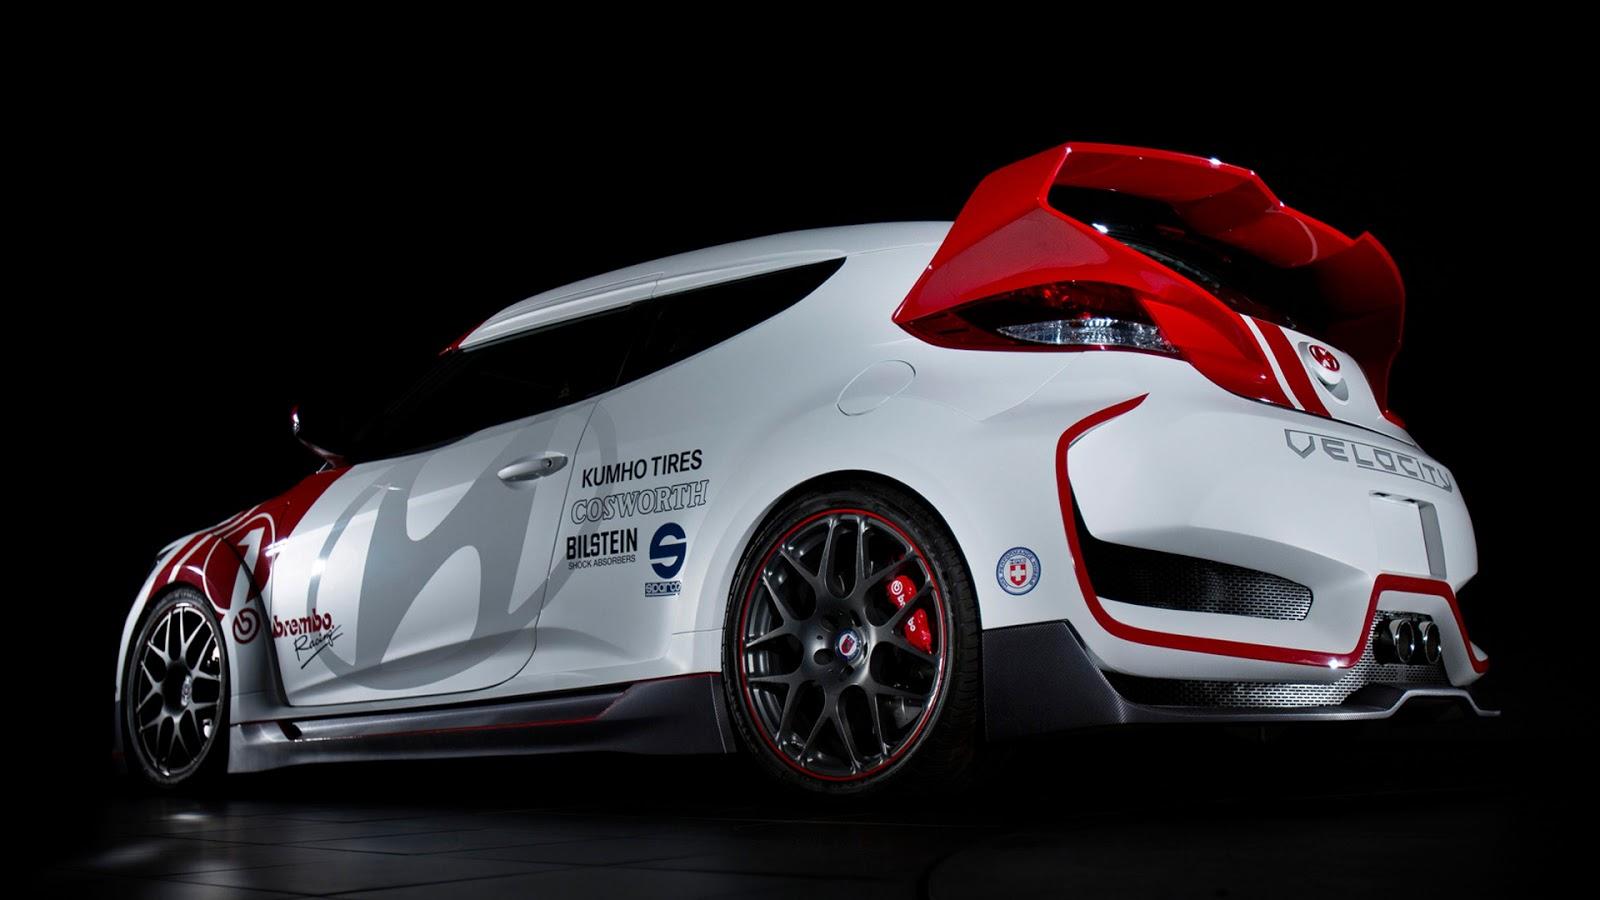 2012 Hyundai Design And Technical Center Velocity Concept